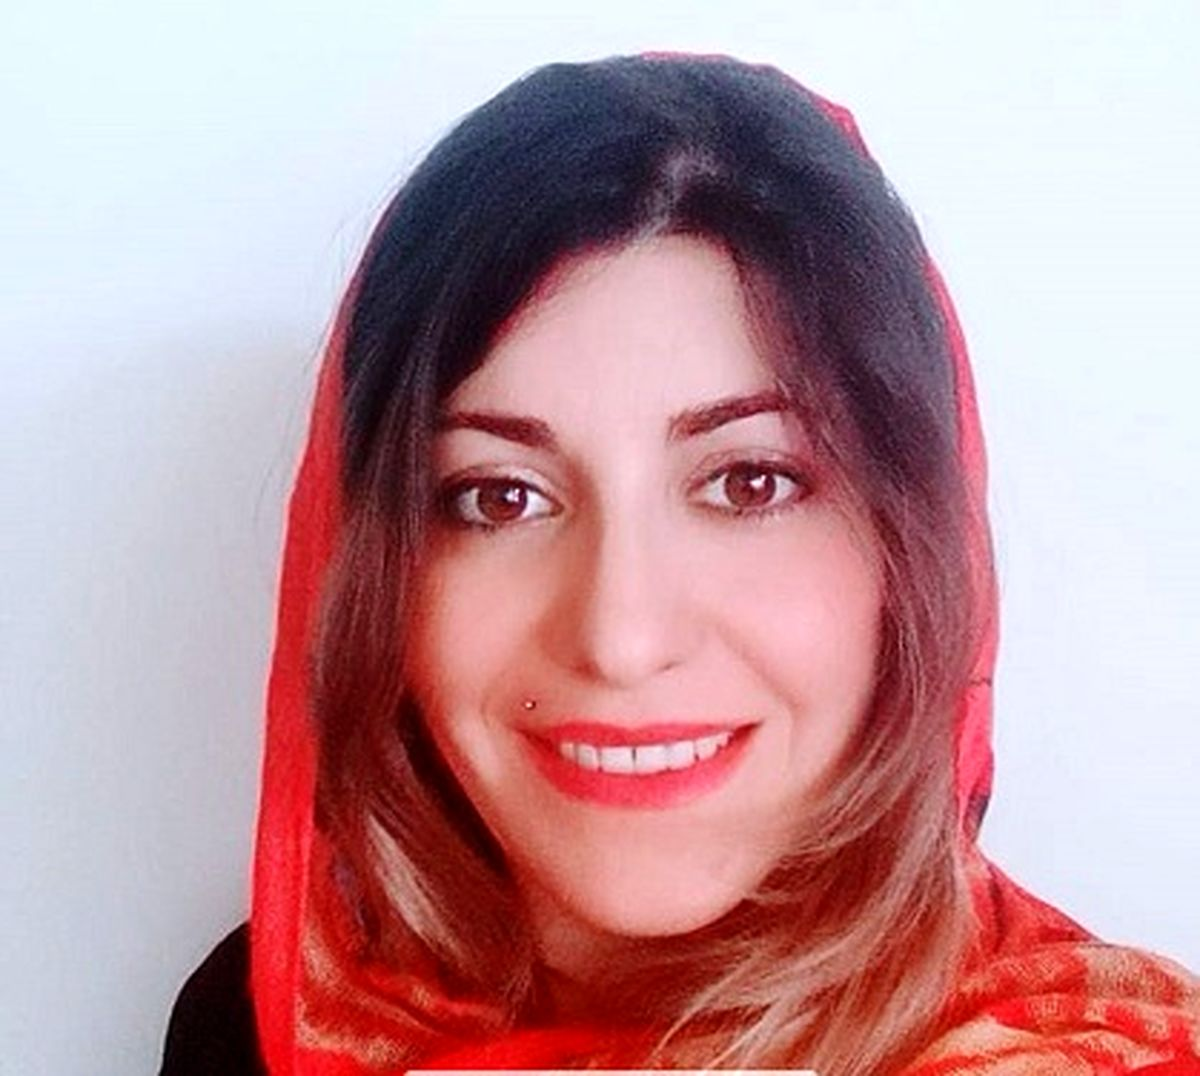 کار خیر سارا فلاح  قهرمان شنای ایران ستودنی شد